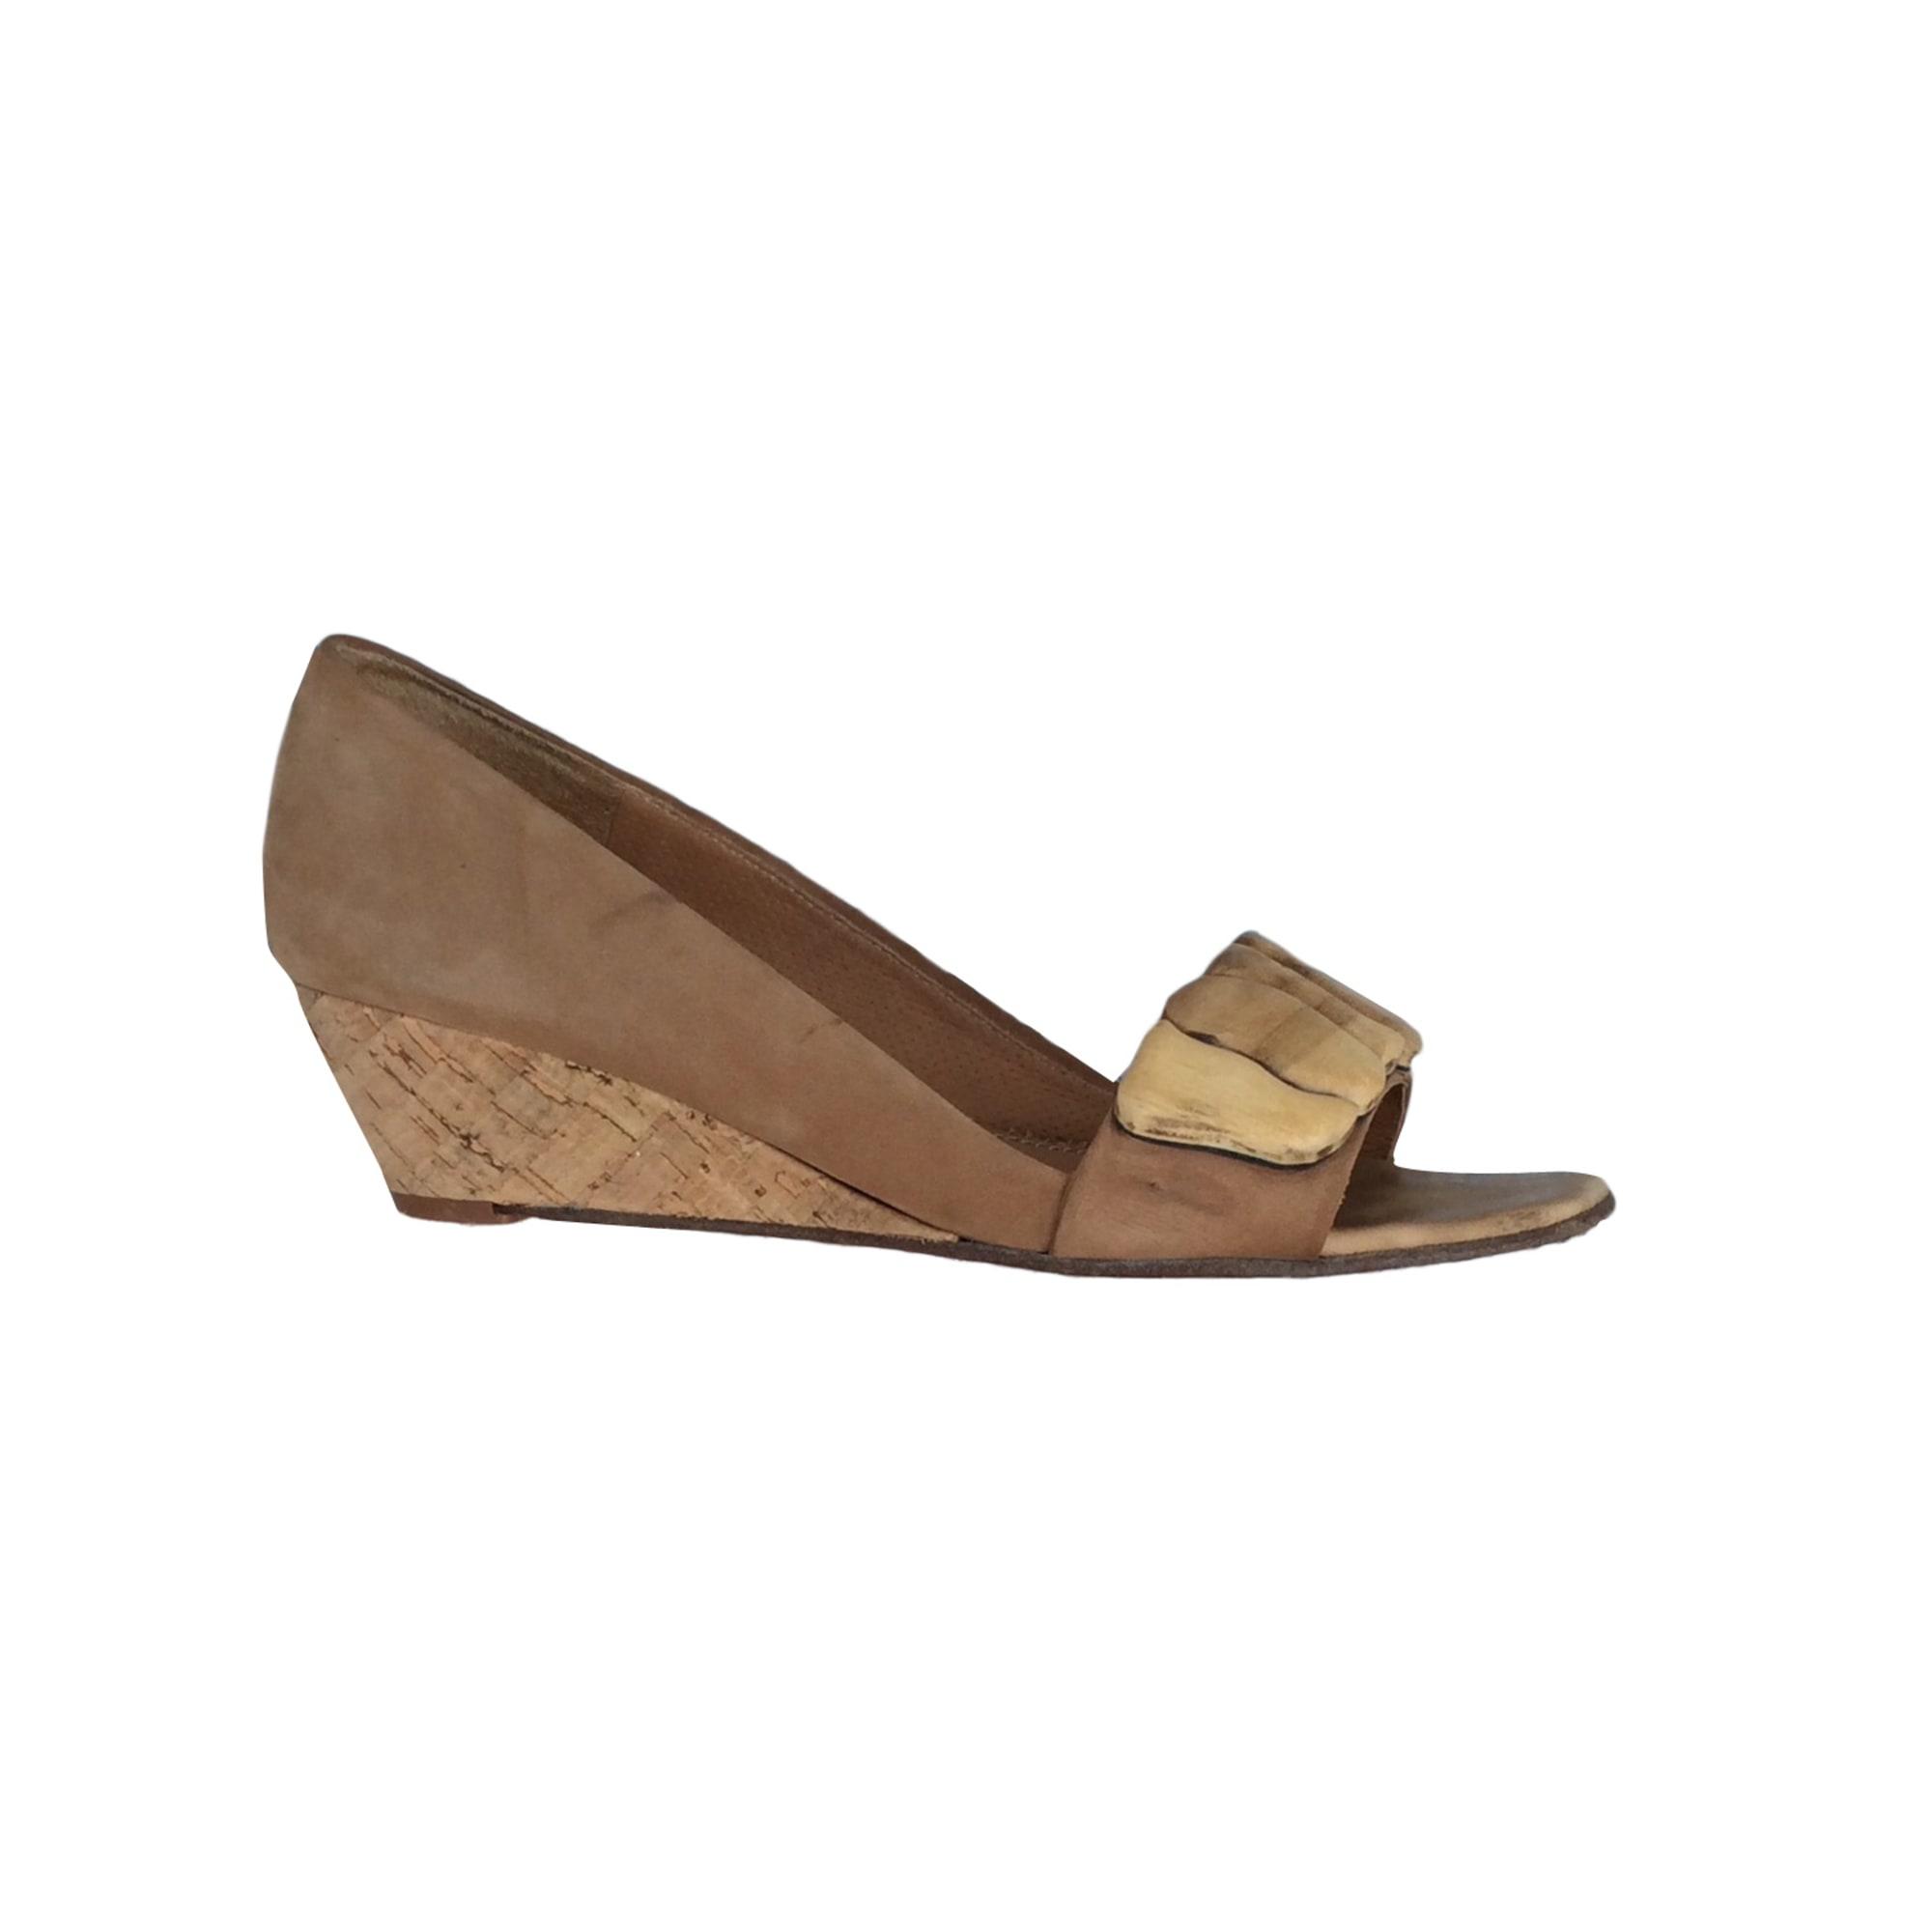 chaussures de séparation c9714 c934d Escarpins compensés MALOLES